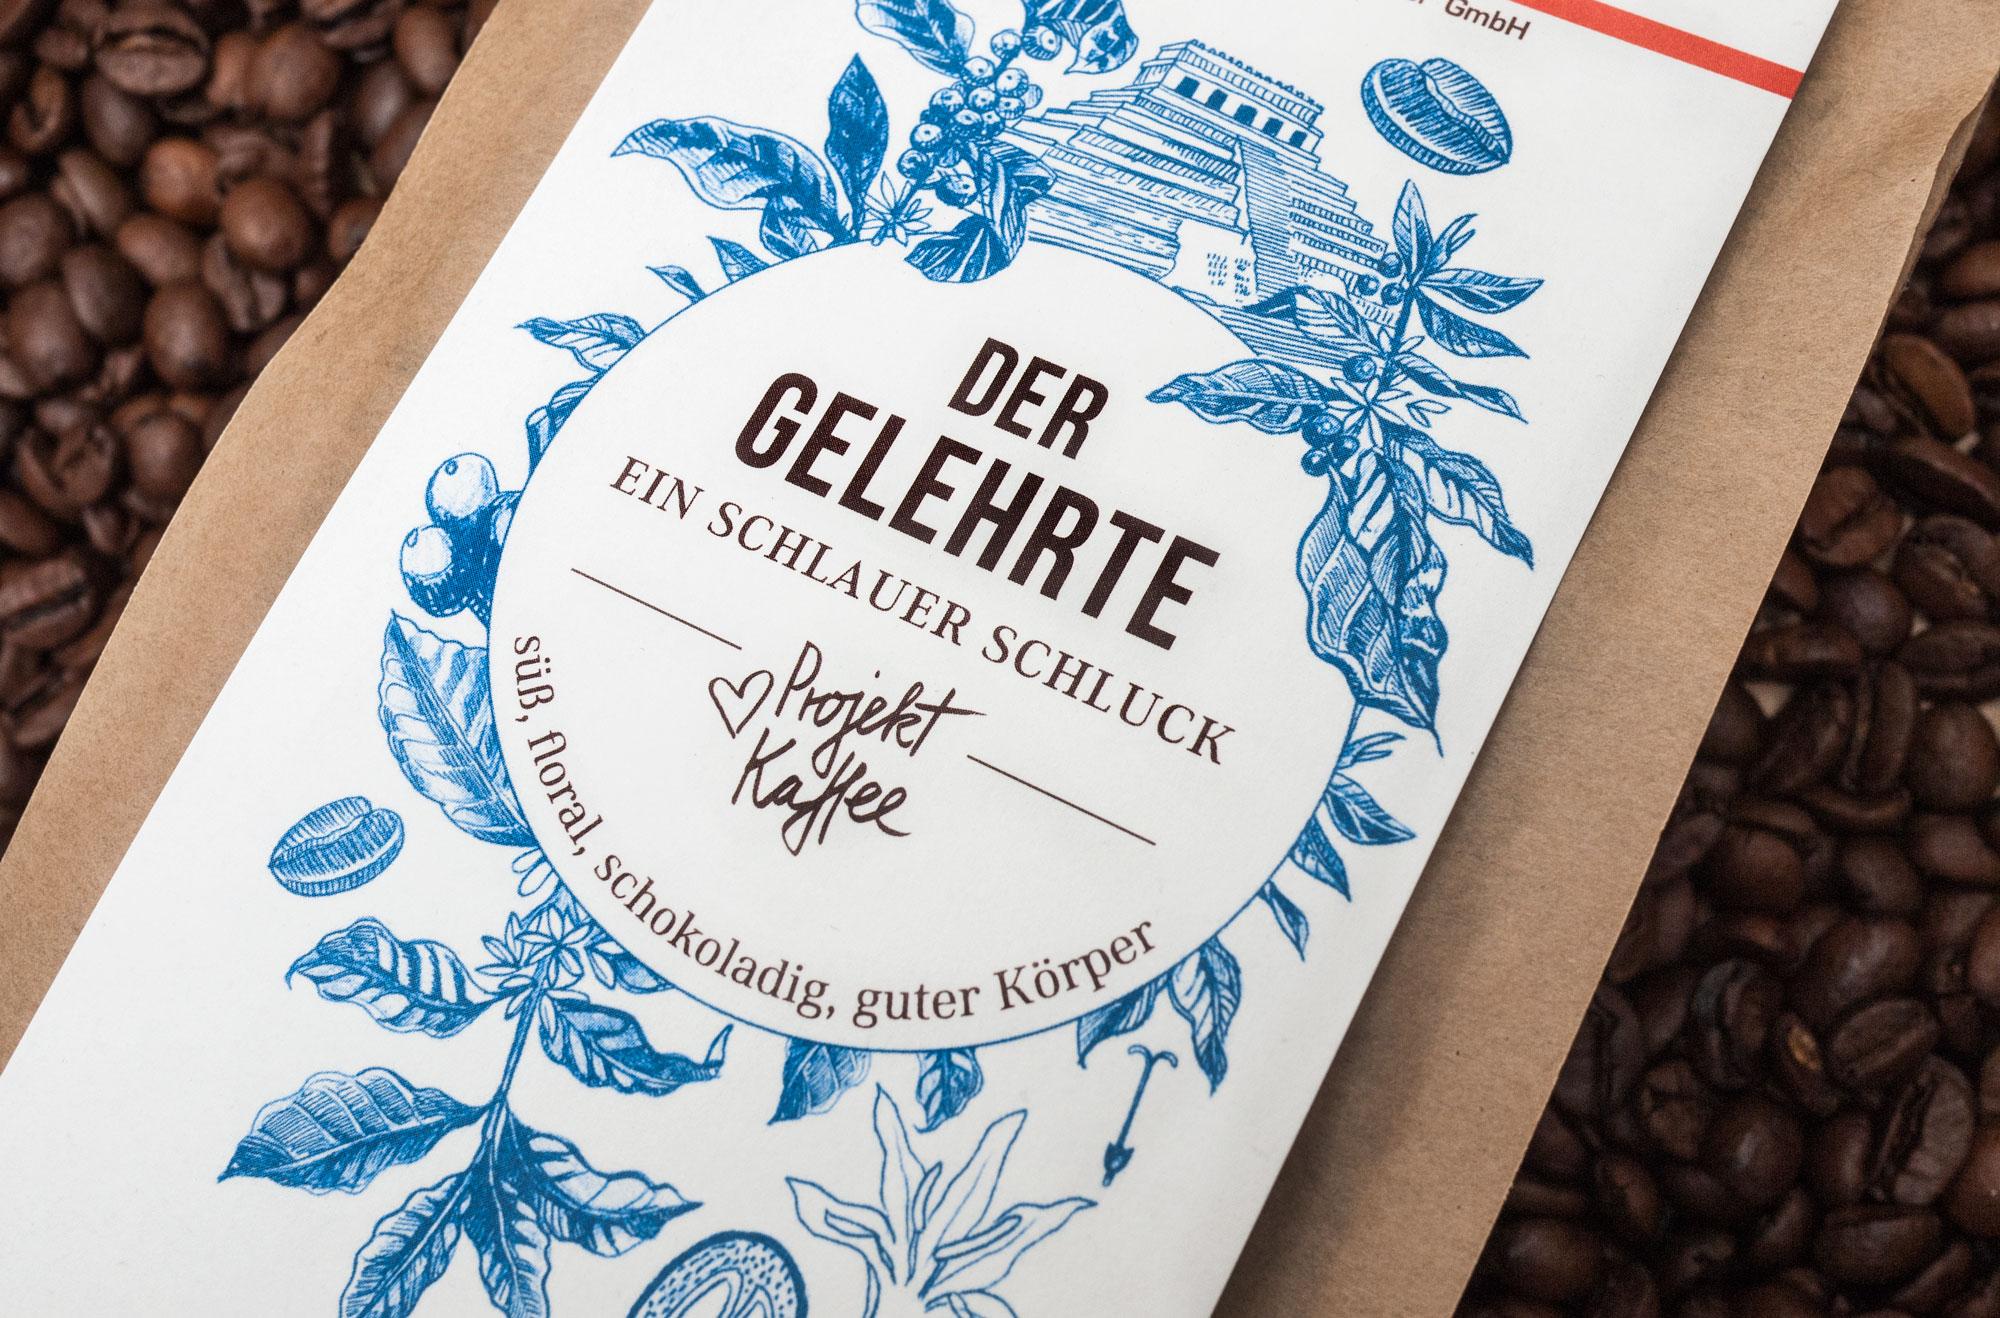 Kaffee Design Der Gelehrte